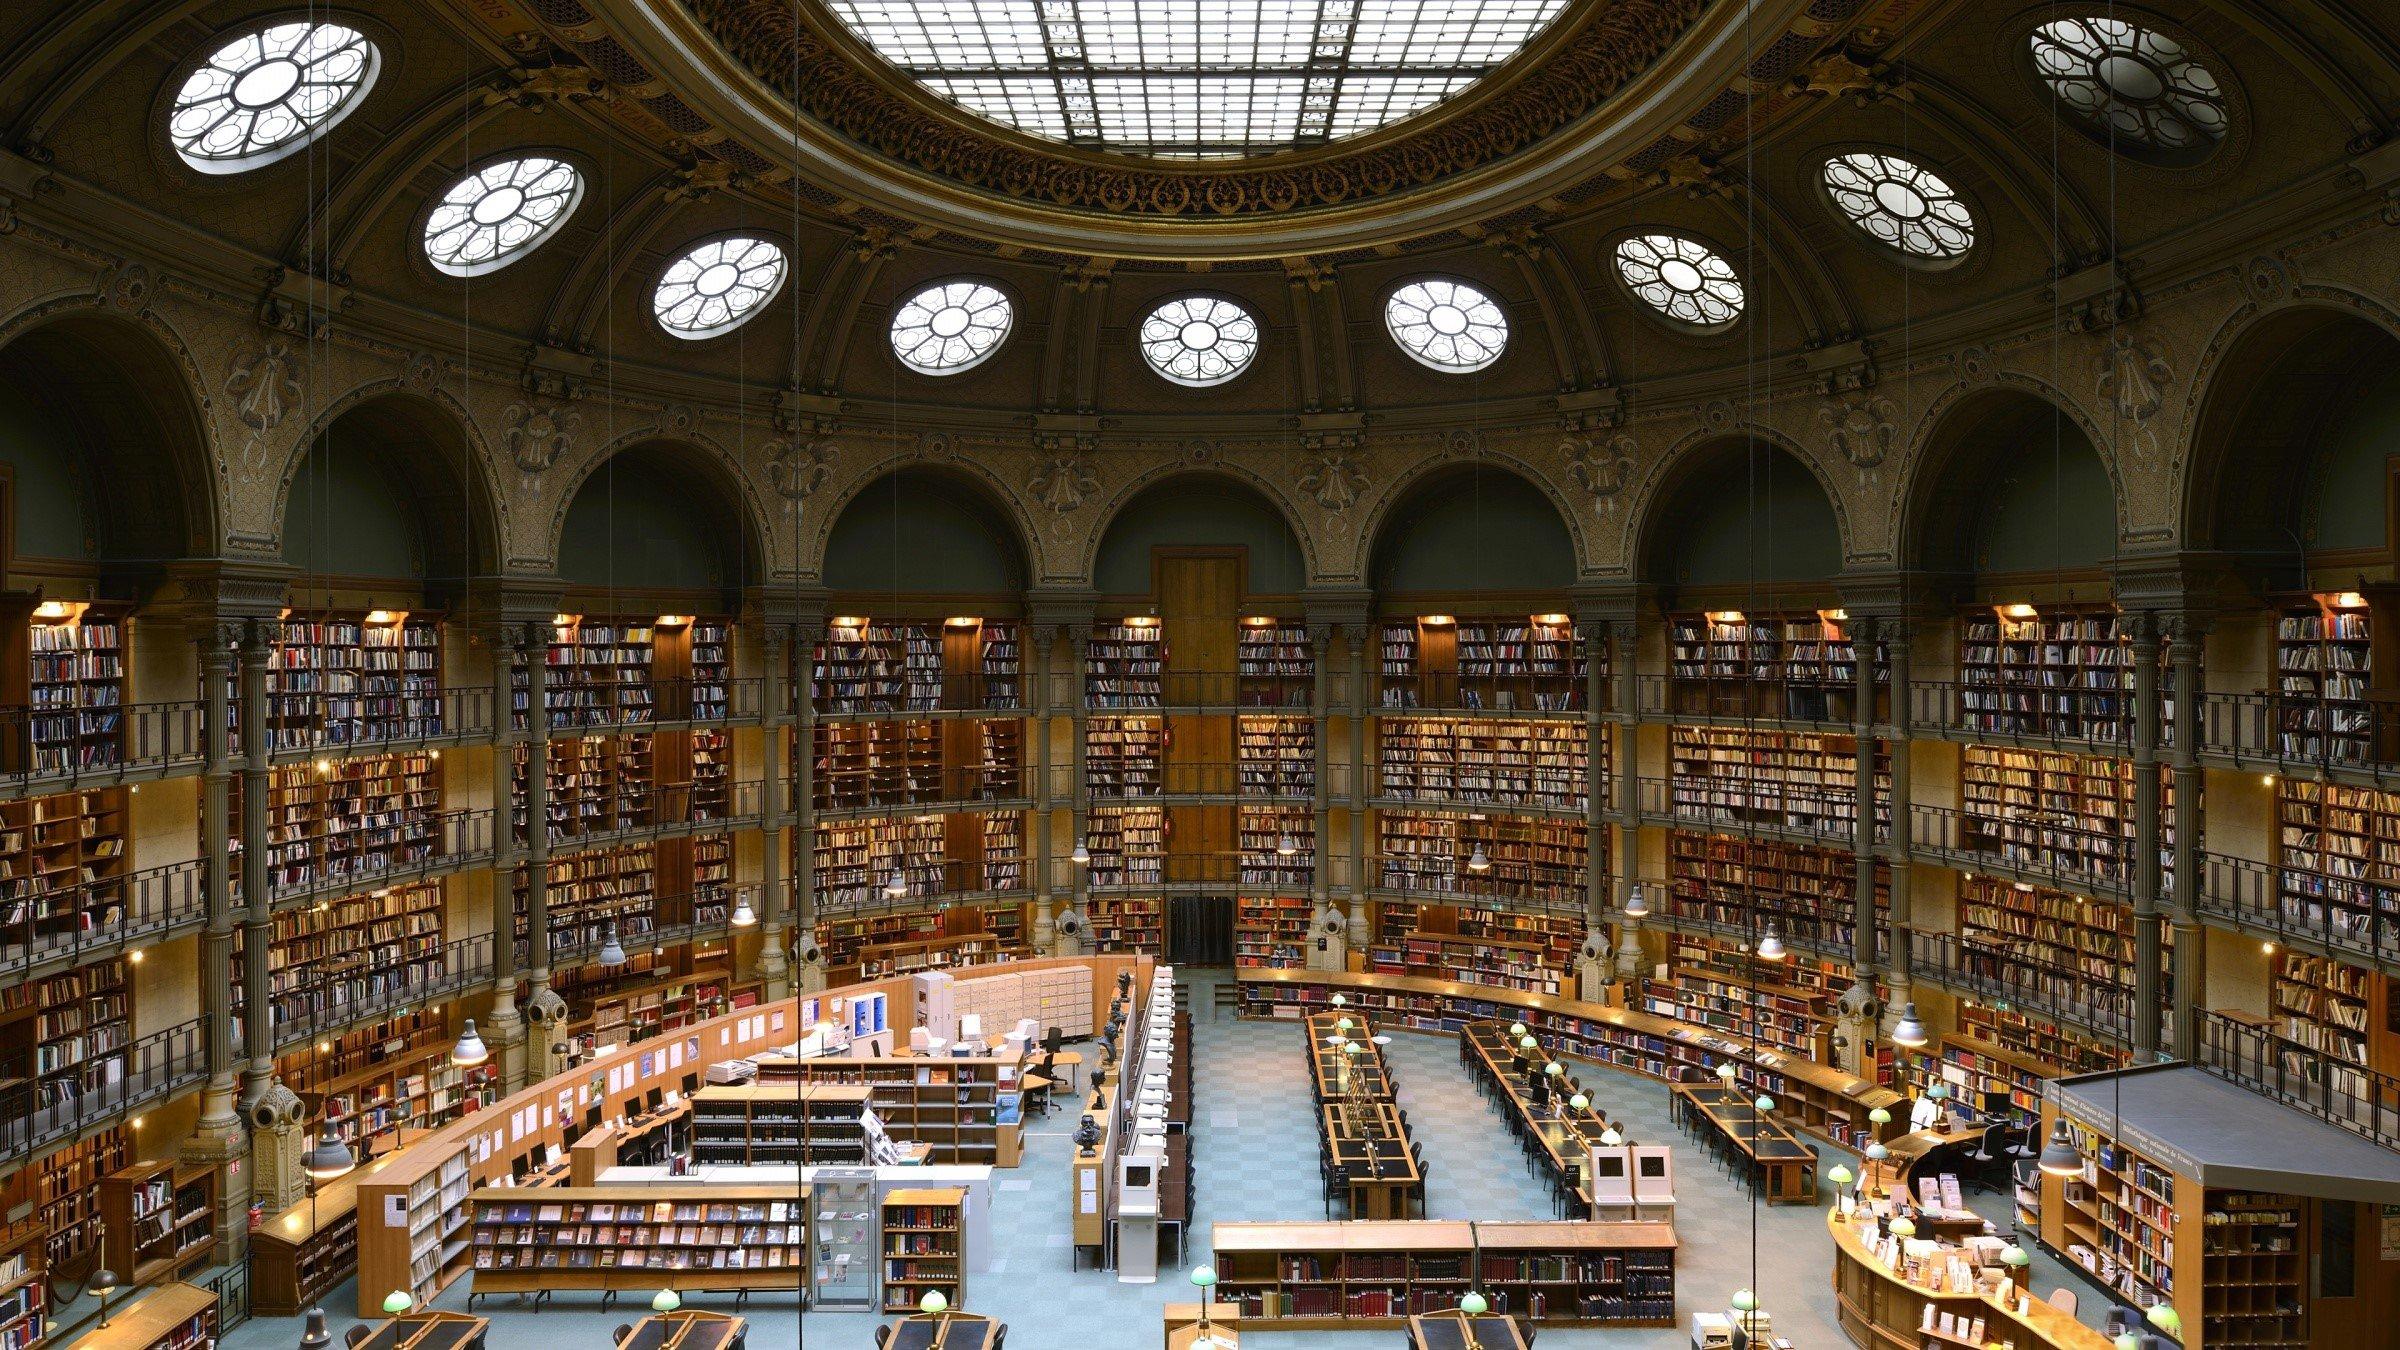 Fondo de pantalla de Biblioteca nacional de Francia Imágenes